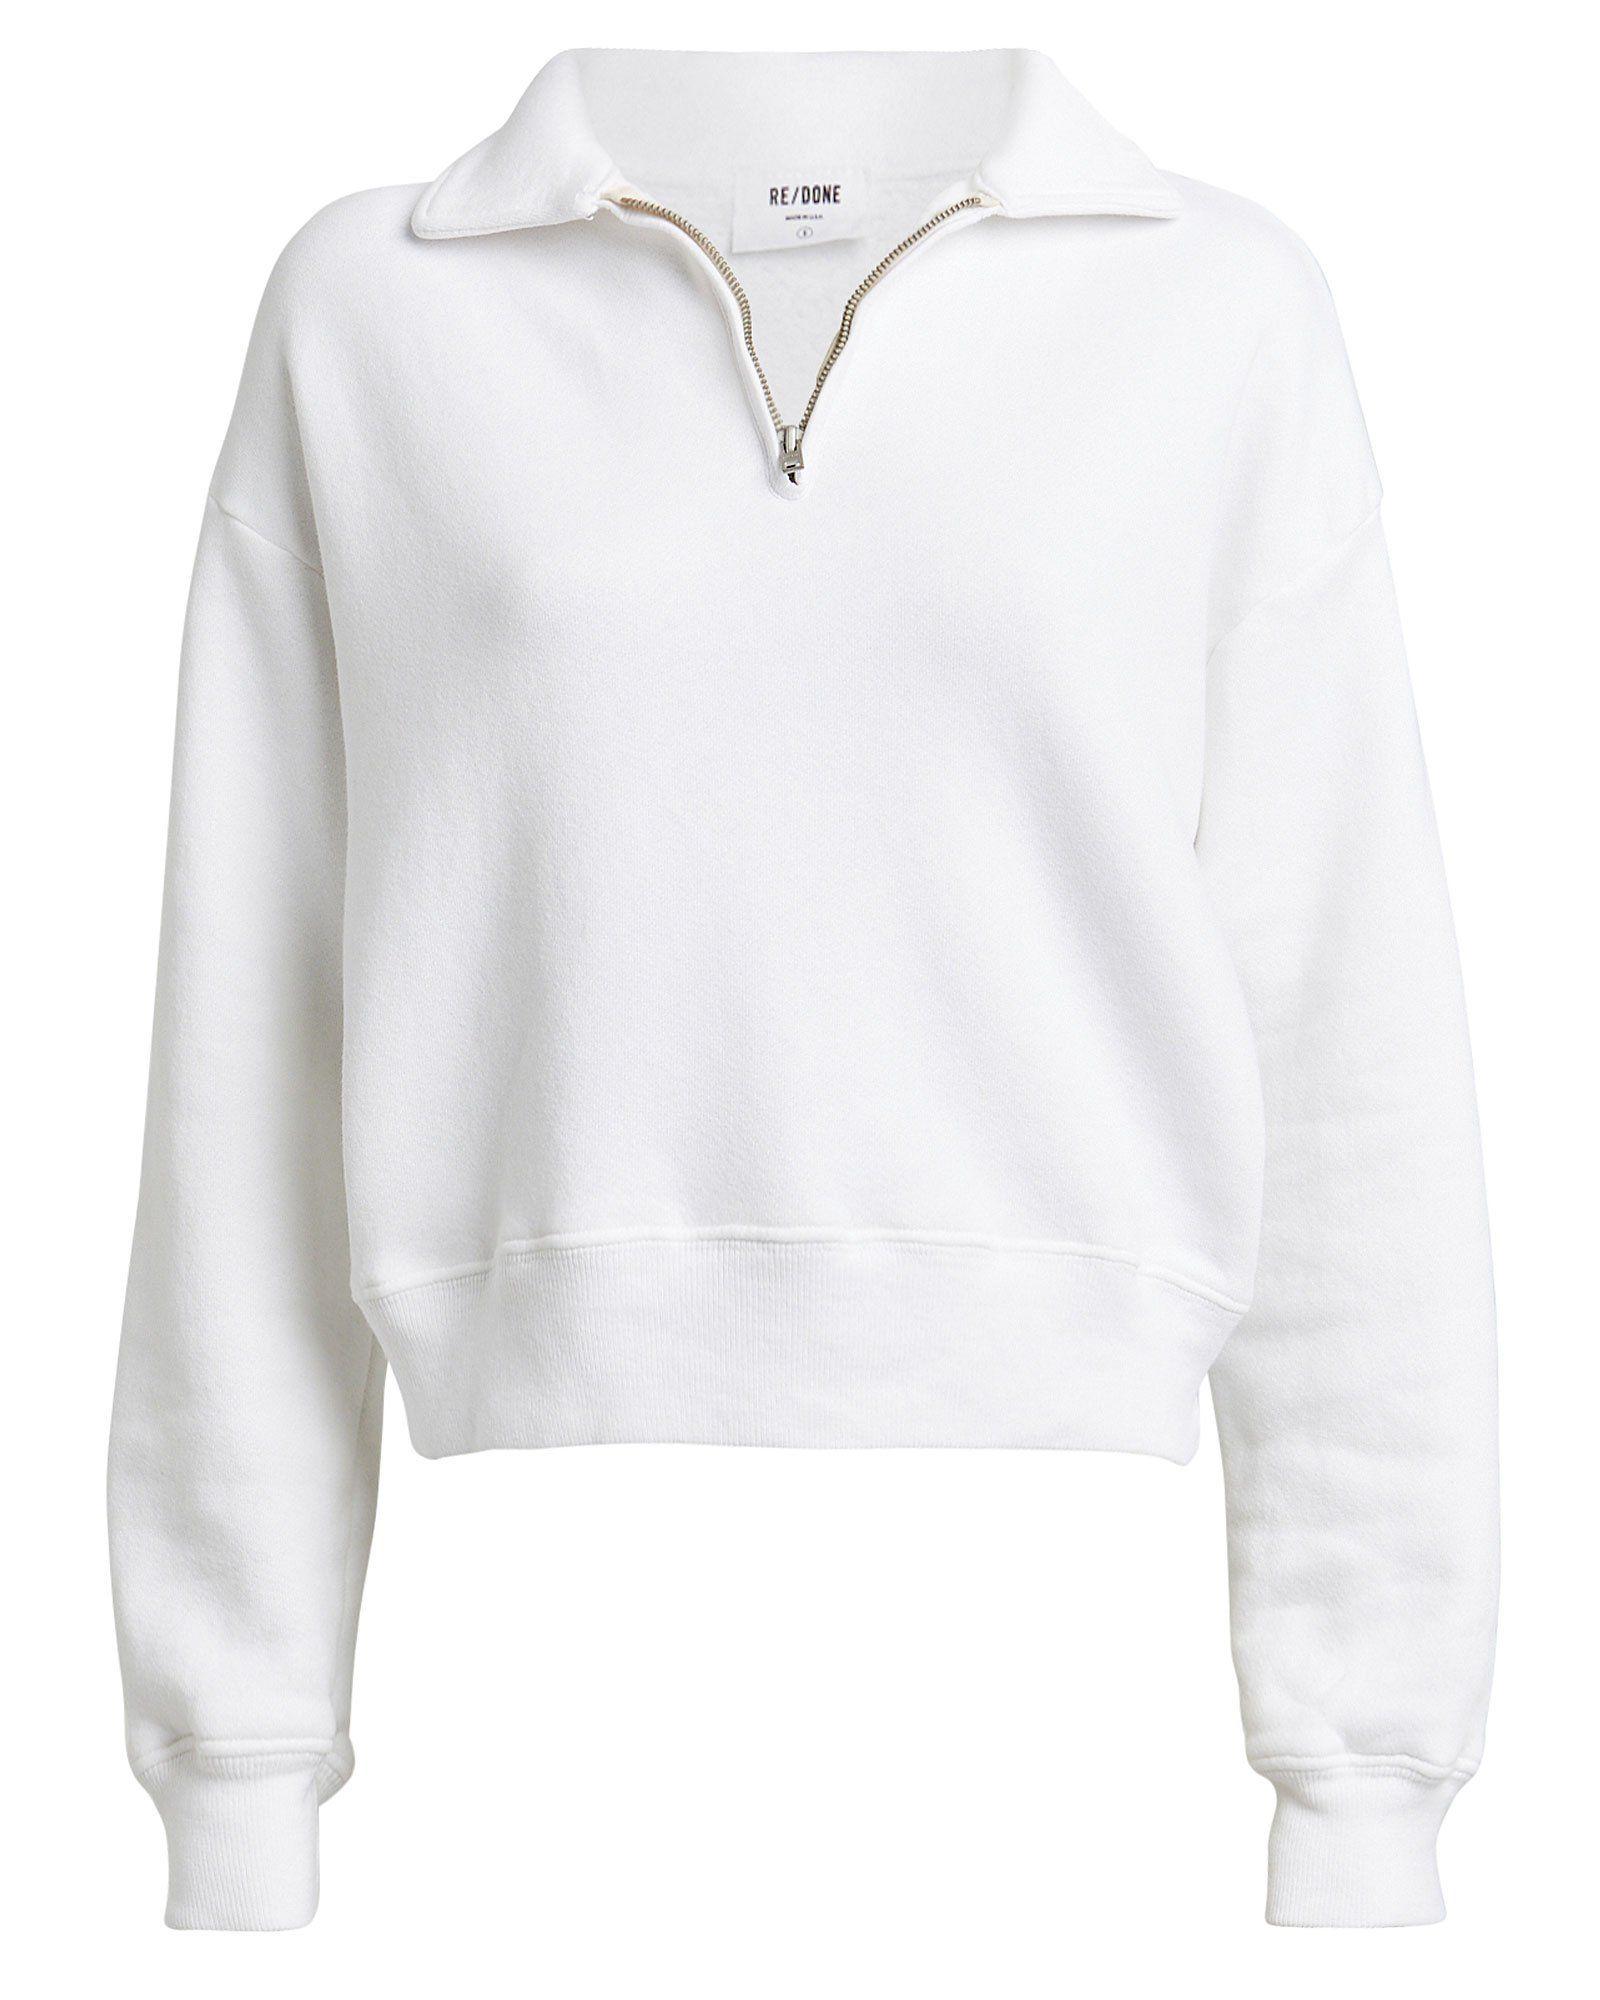 70s Half Zip Cotton Sweatshirt Sweatshirts Cotton Sweatshirts Half Zip Sweatshirt [ 2000 x 1600 Pixel ]